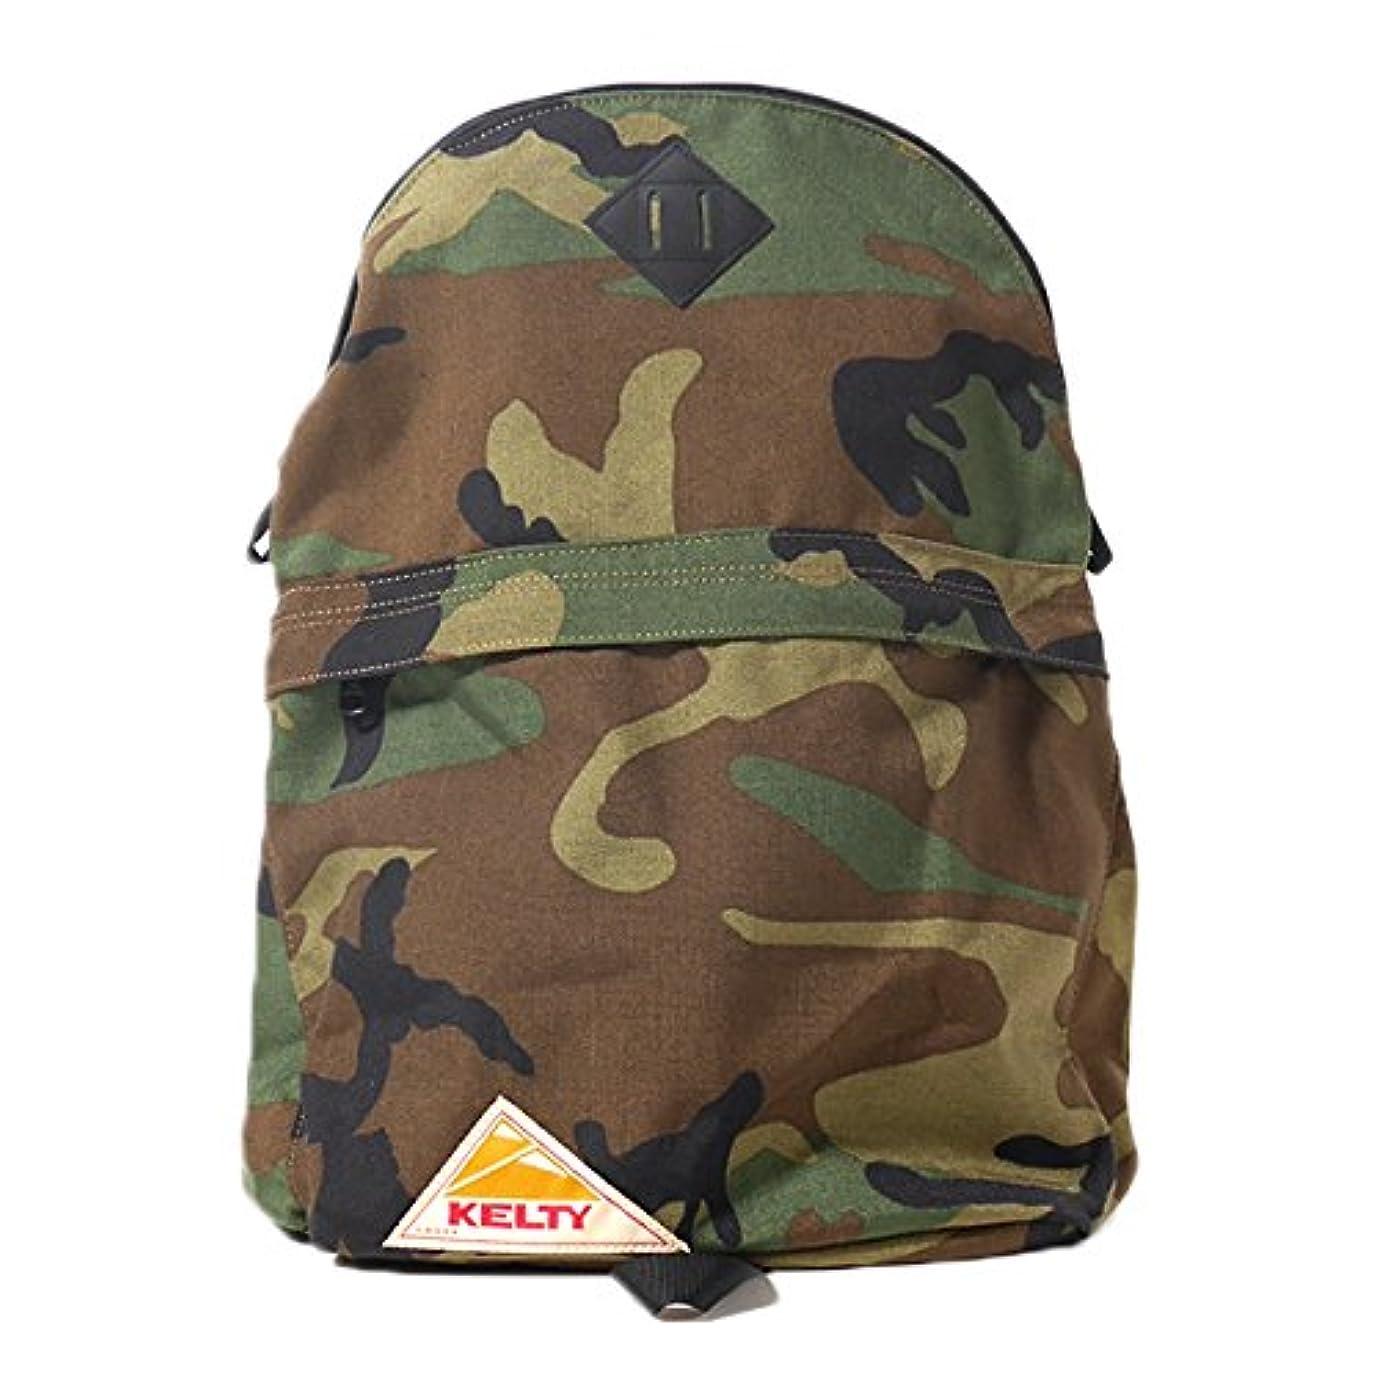 木製スカウトクールKELTY ケルティ 迷彩 リュック CAMO DAYPACK (2592041) カモ柄 カモフラージュ デイパック リュックサック バックパック バッグ 鞄 コーデュラ ナイロン メンズ レディース 正規取扱品